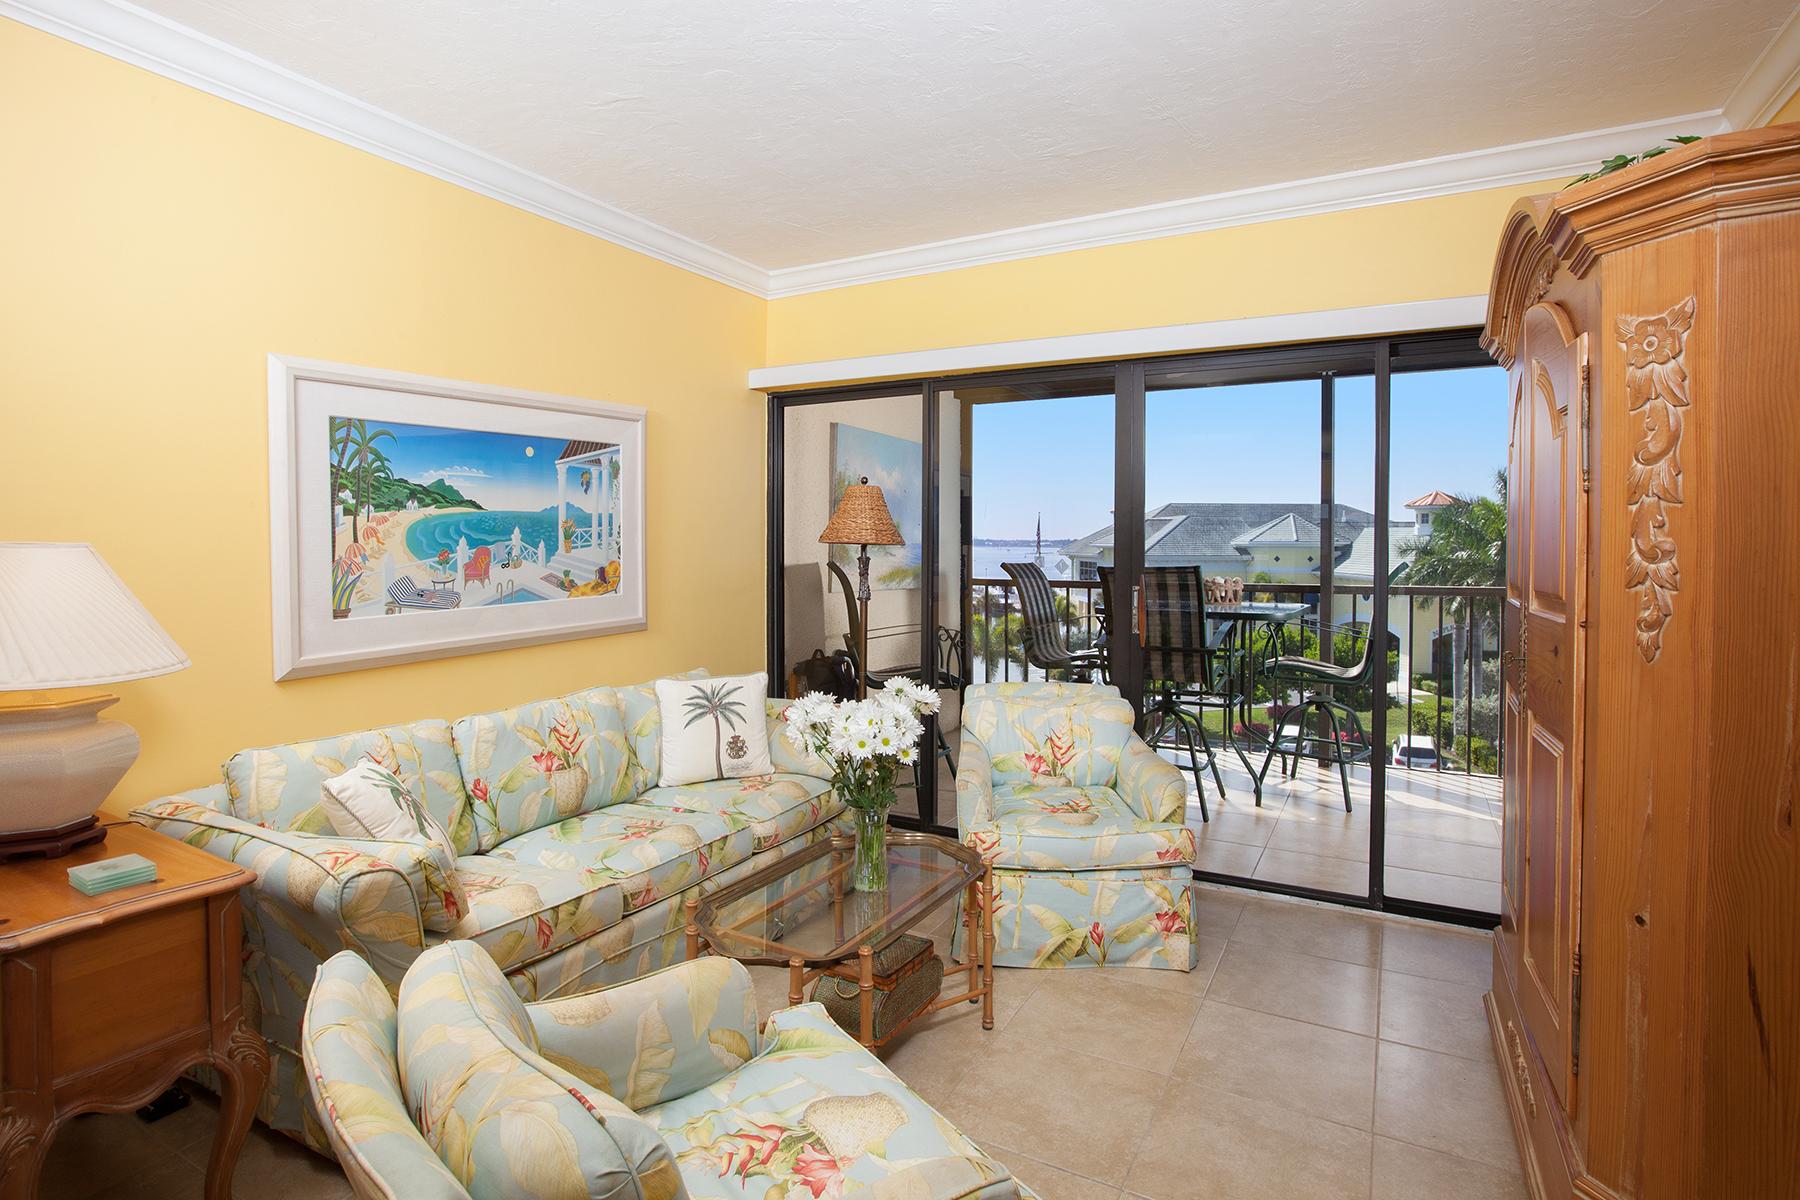 共管式独立产权公寓 为 销售 在 BEAUMER 807 River Point Dr D-302 那不勒斯, 佛罗里达州, 34102 美国